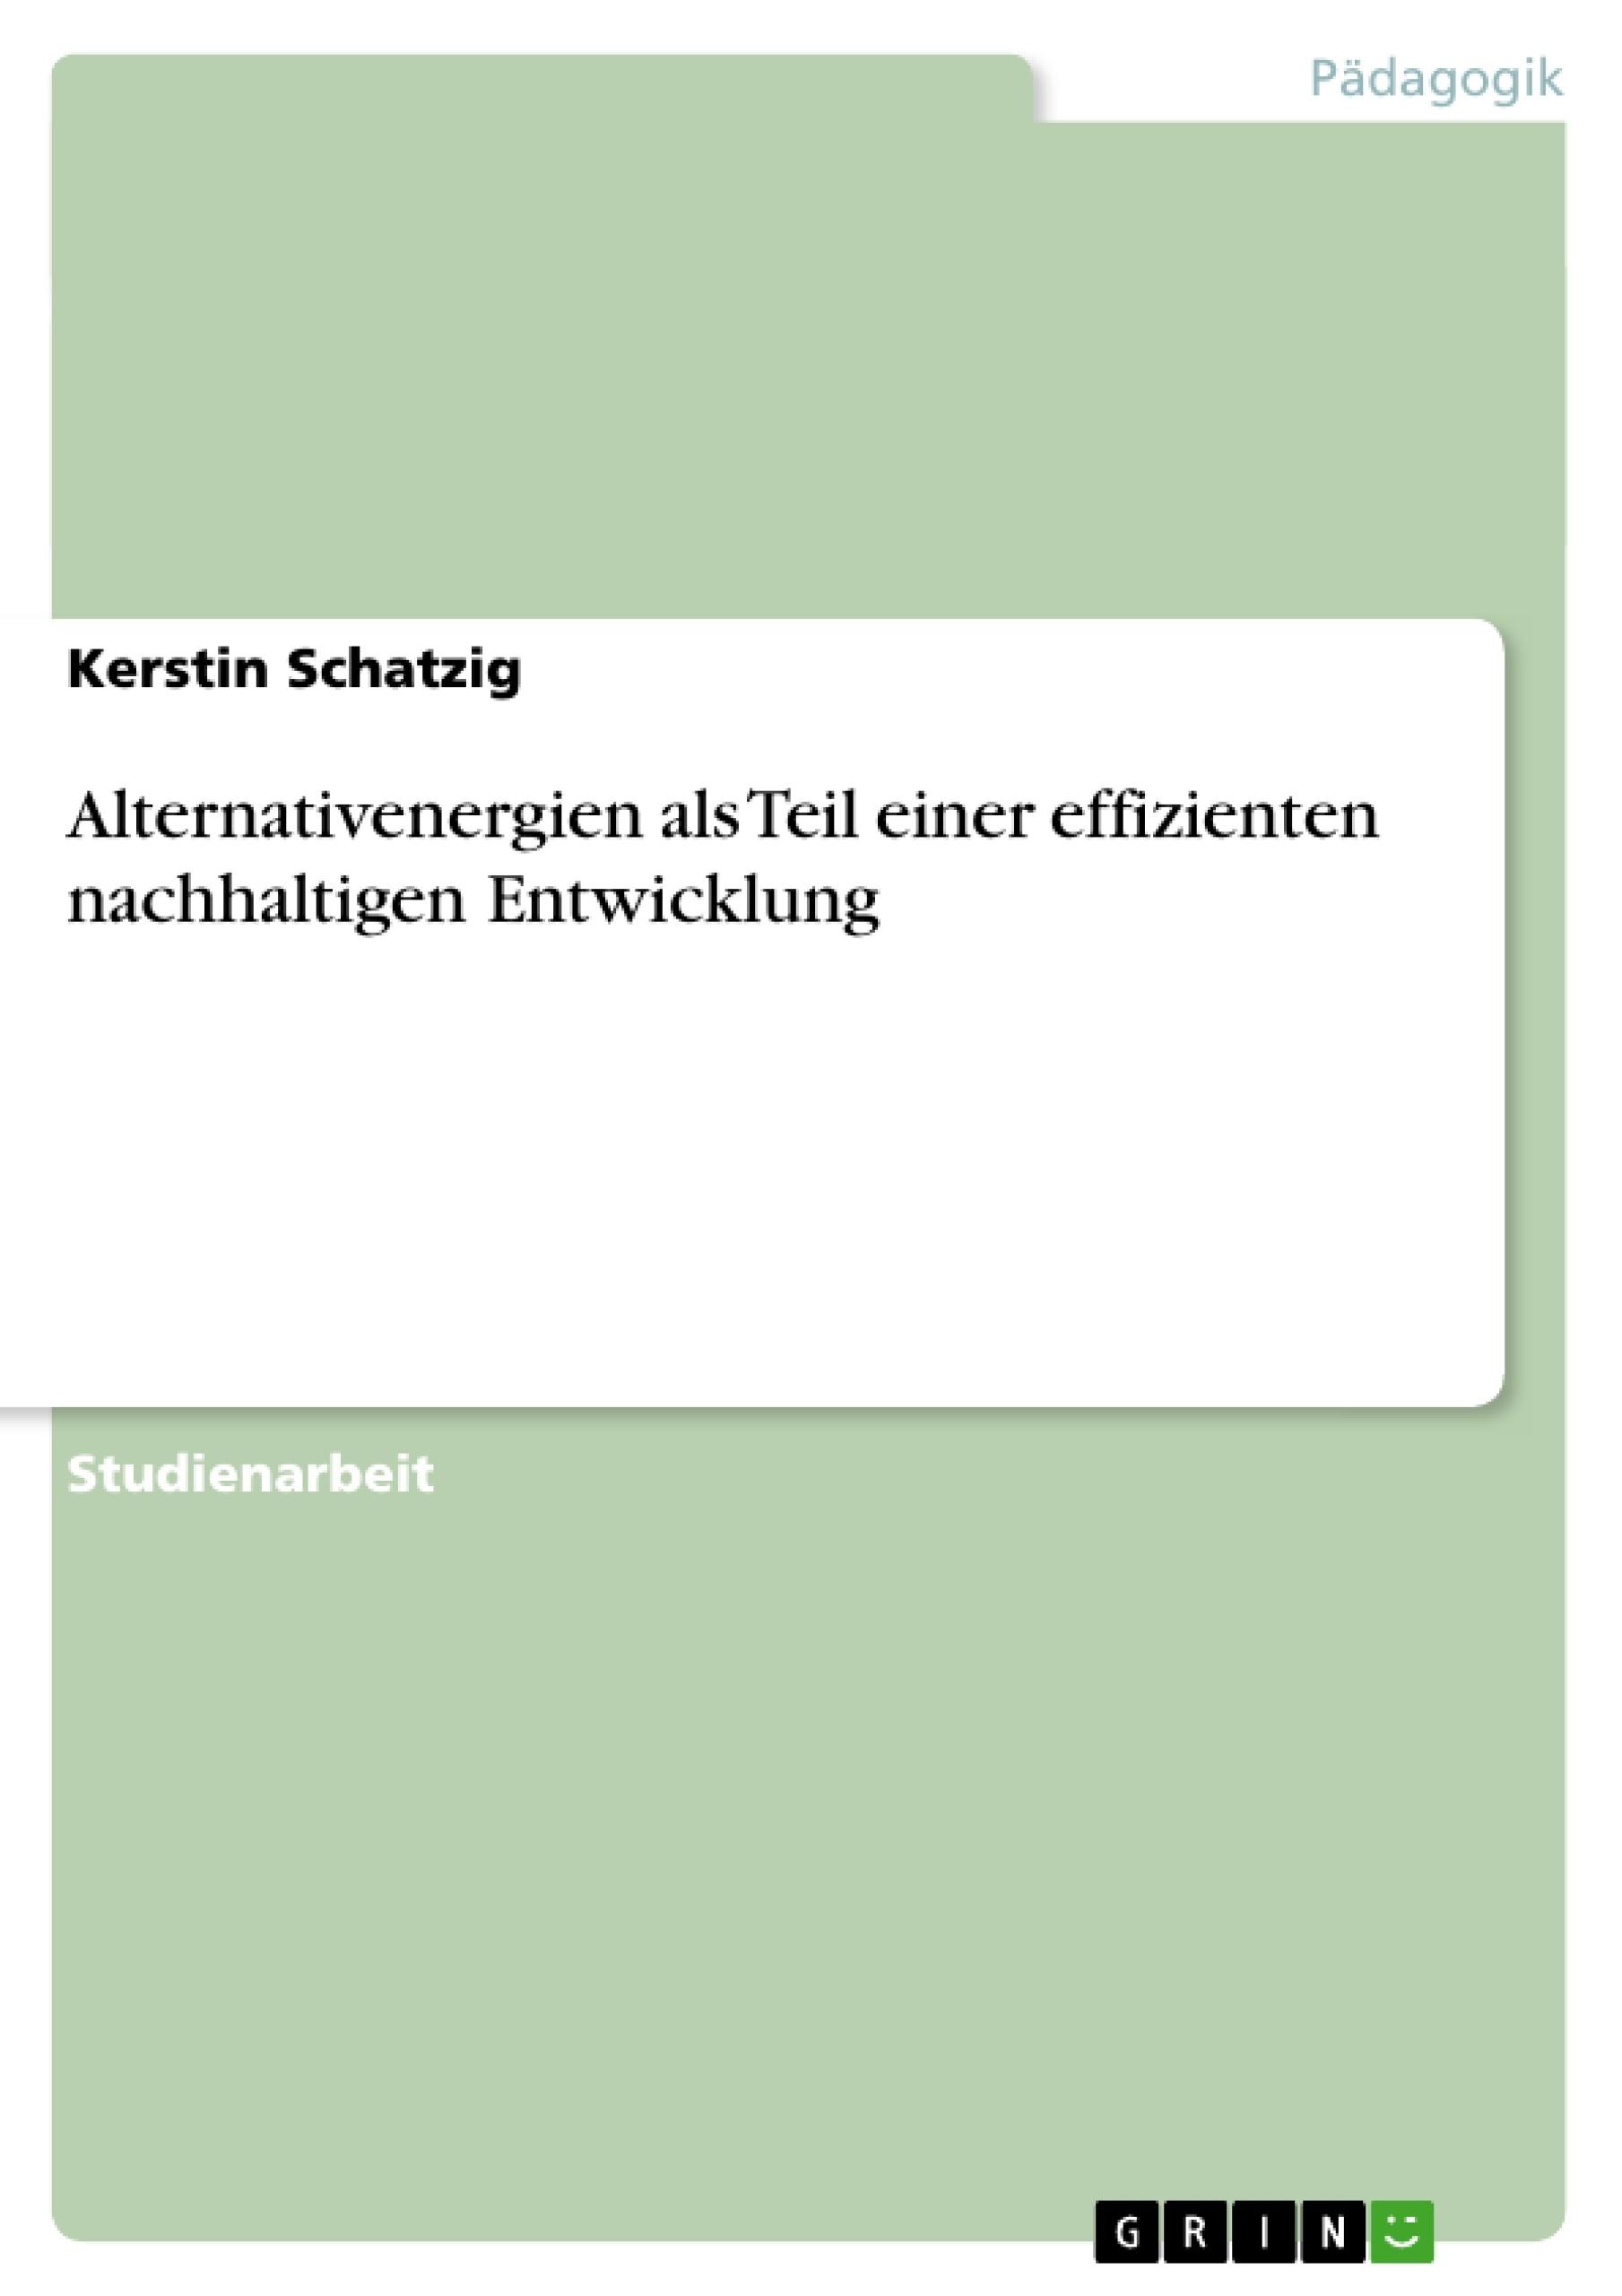 Titel: Alternativenergien als Teil einer effizienten nachhaltigen Entwicklung